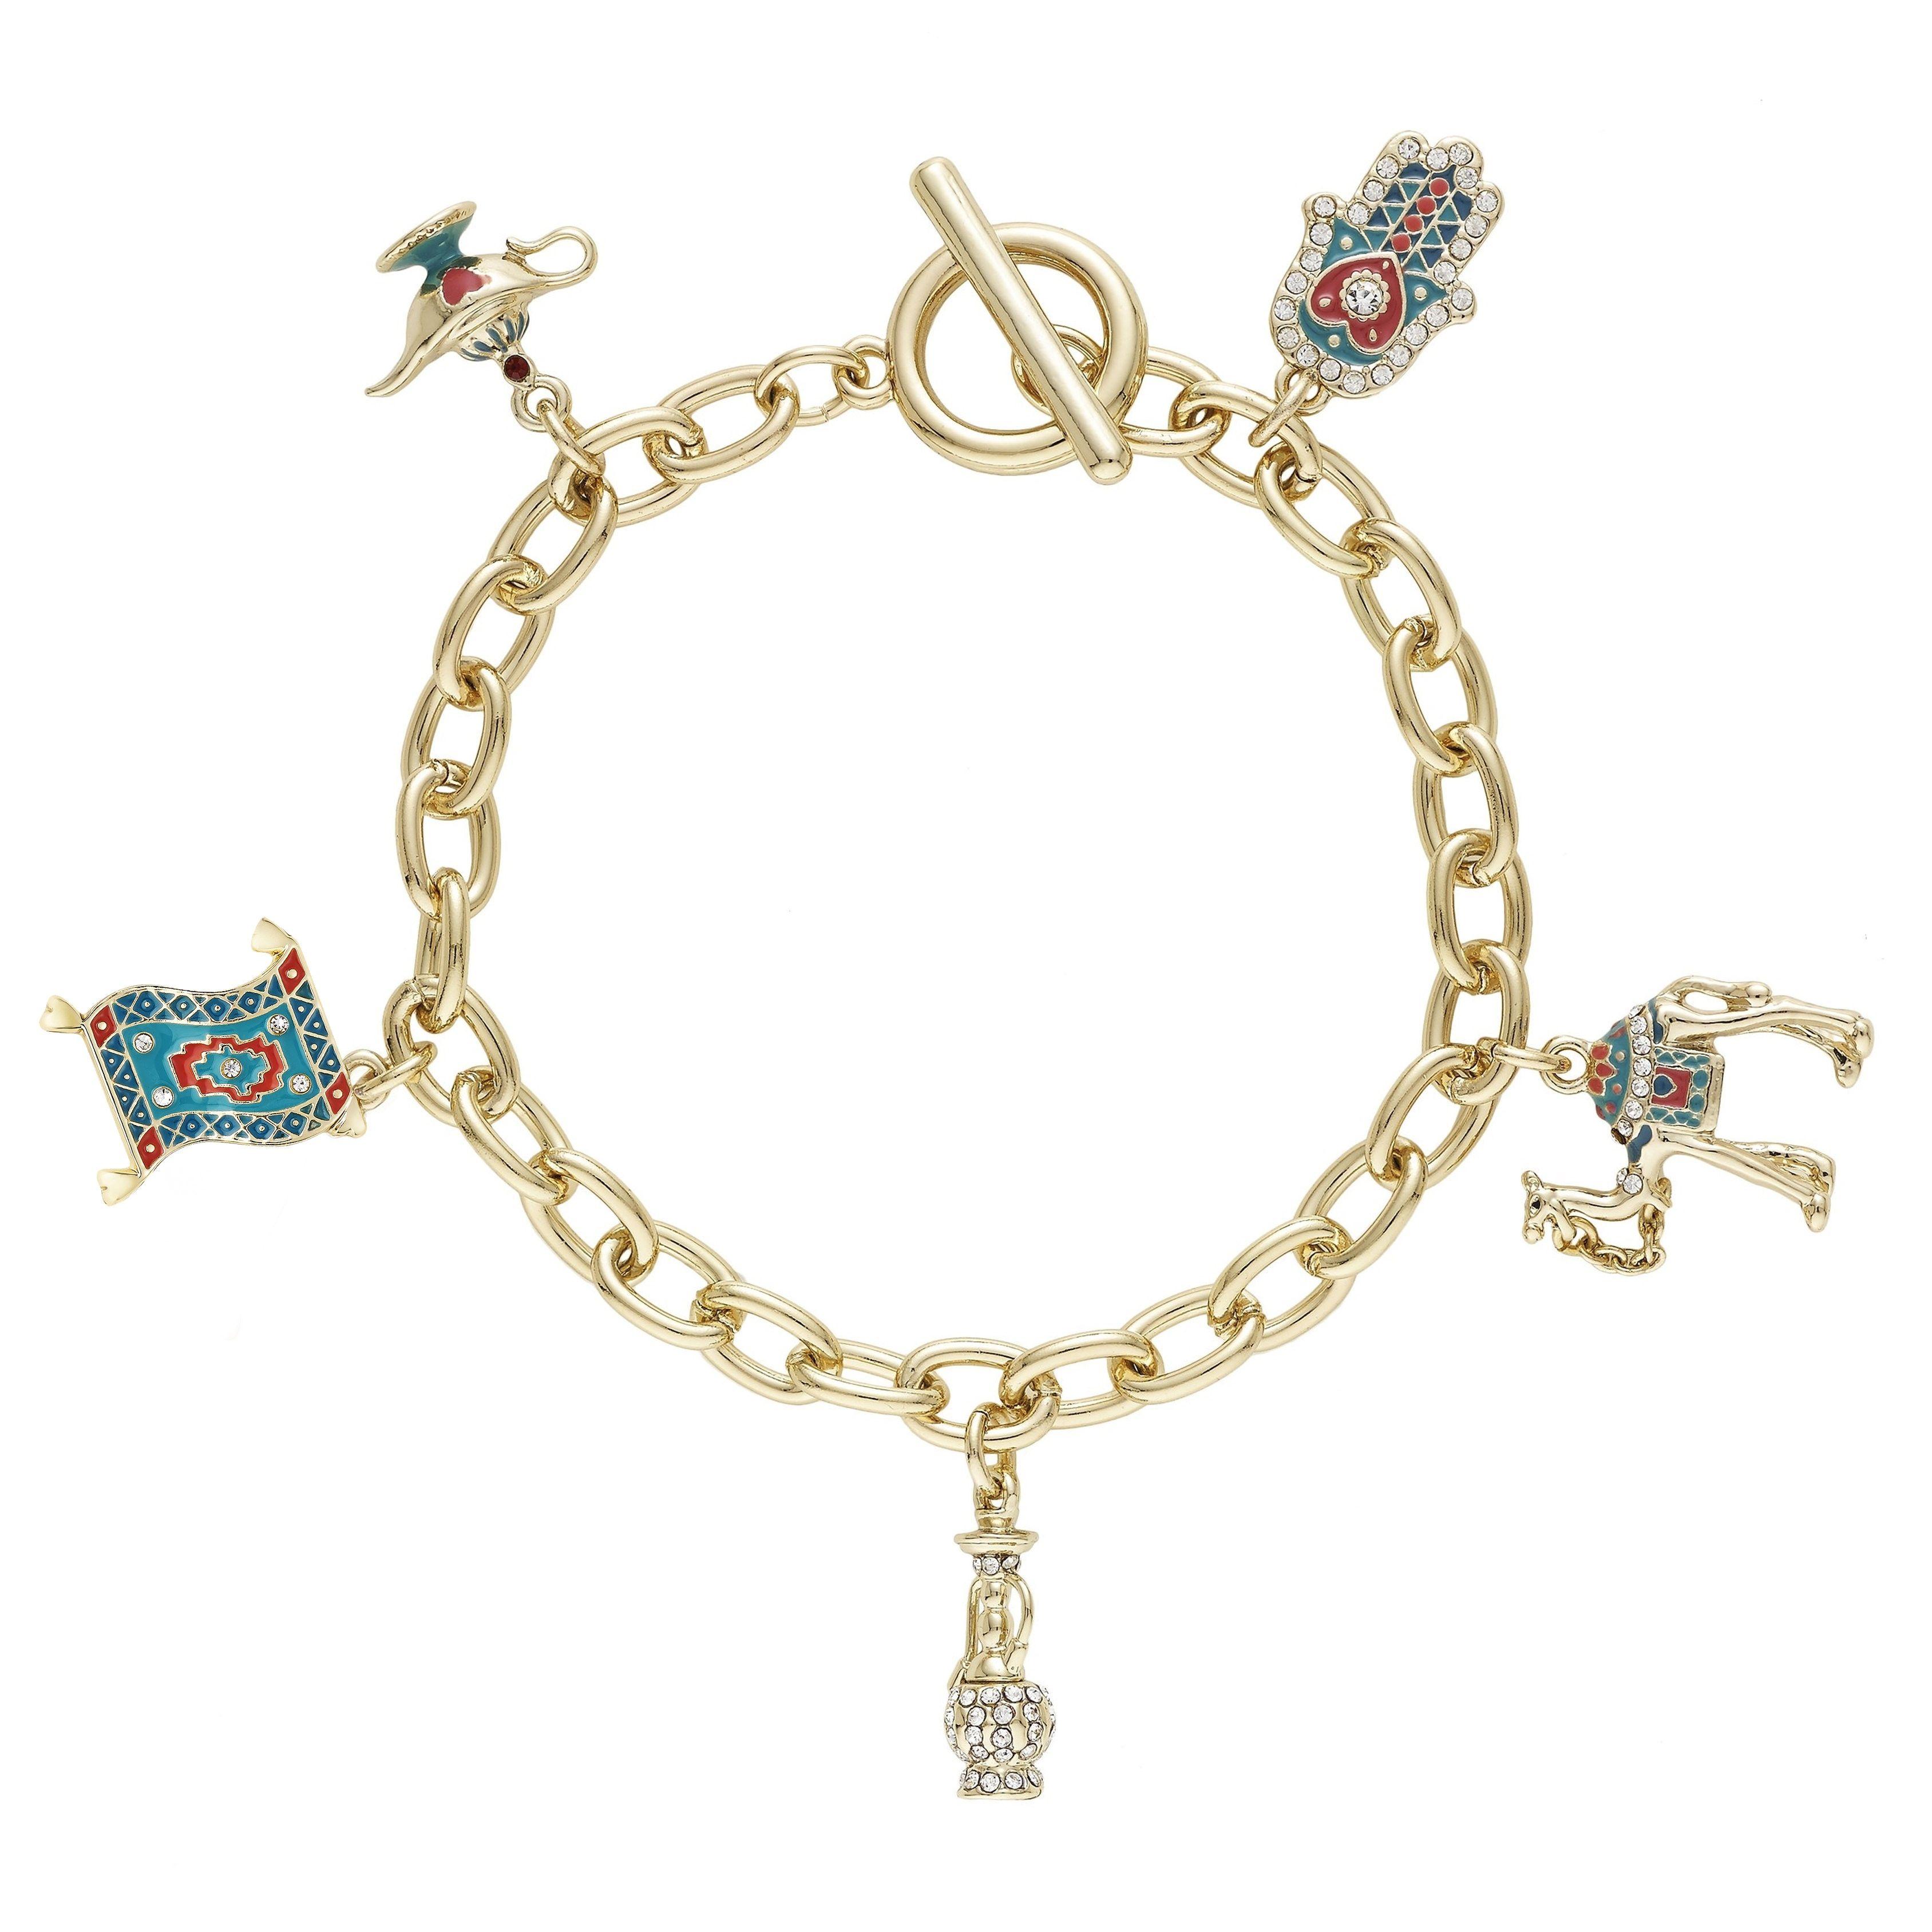 Buckley London Eastern Wishes Charm Bracelet